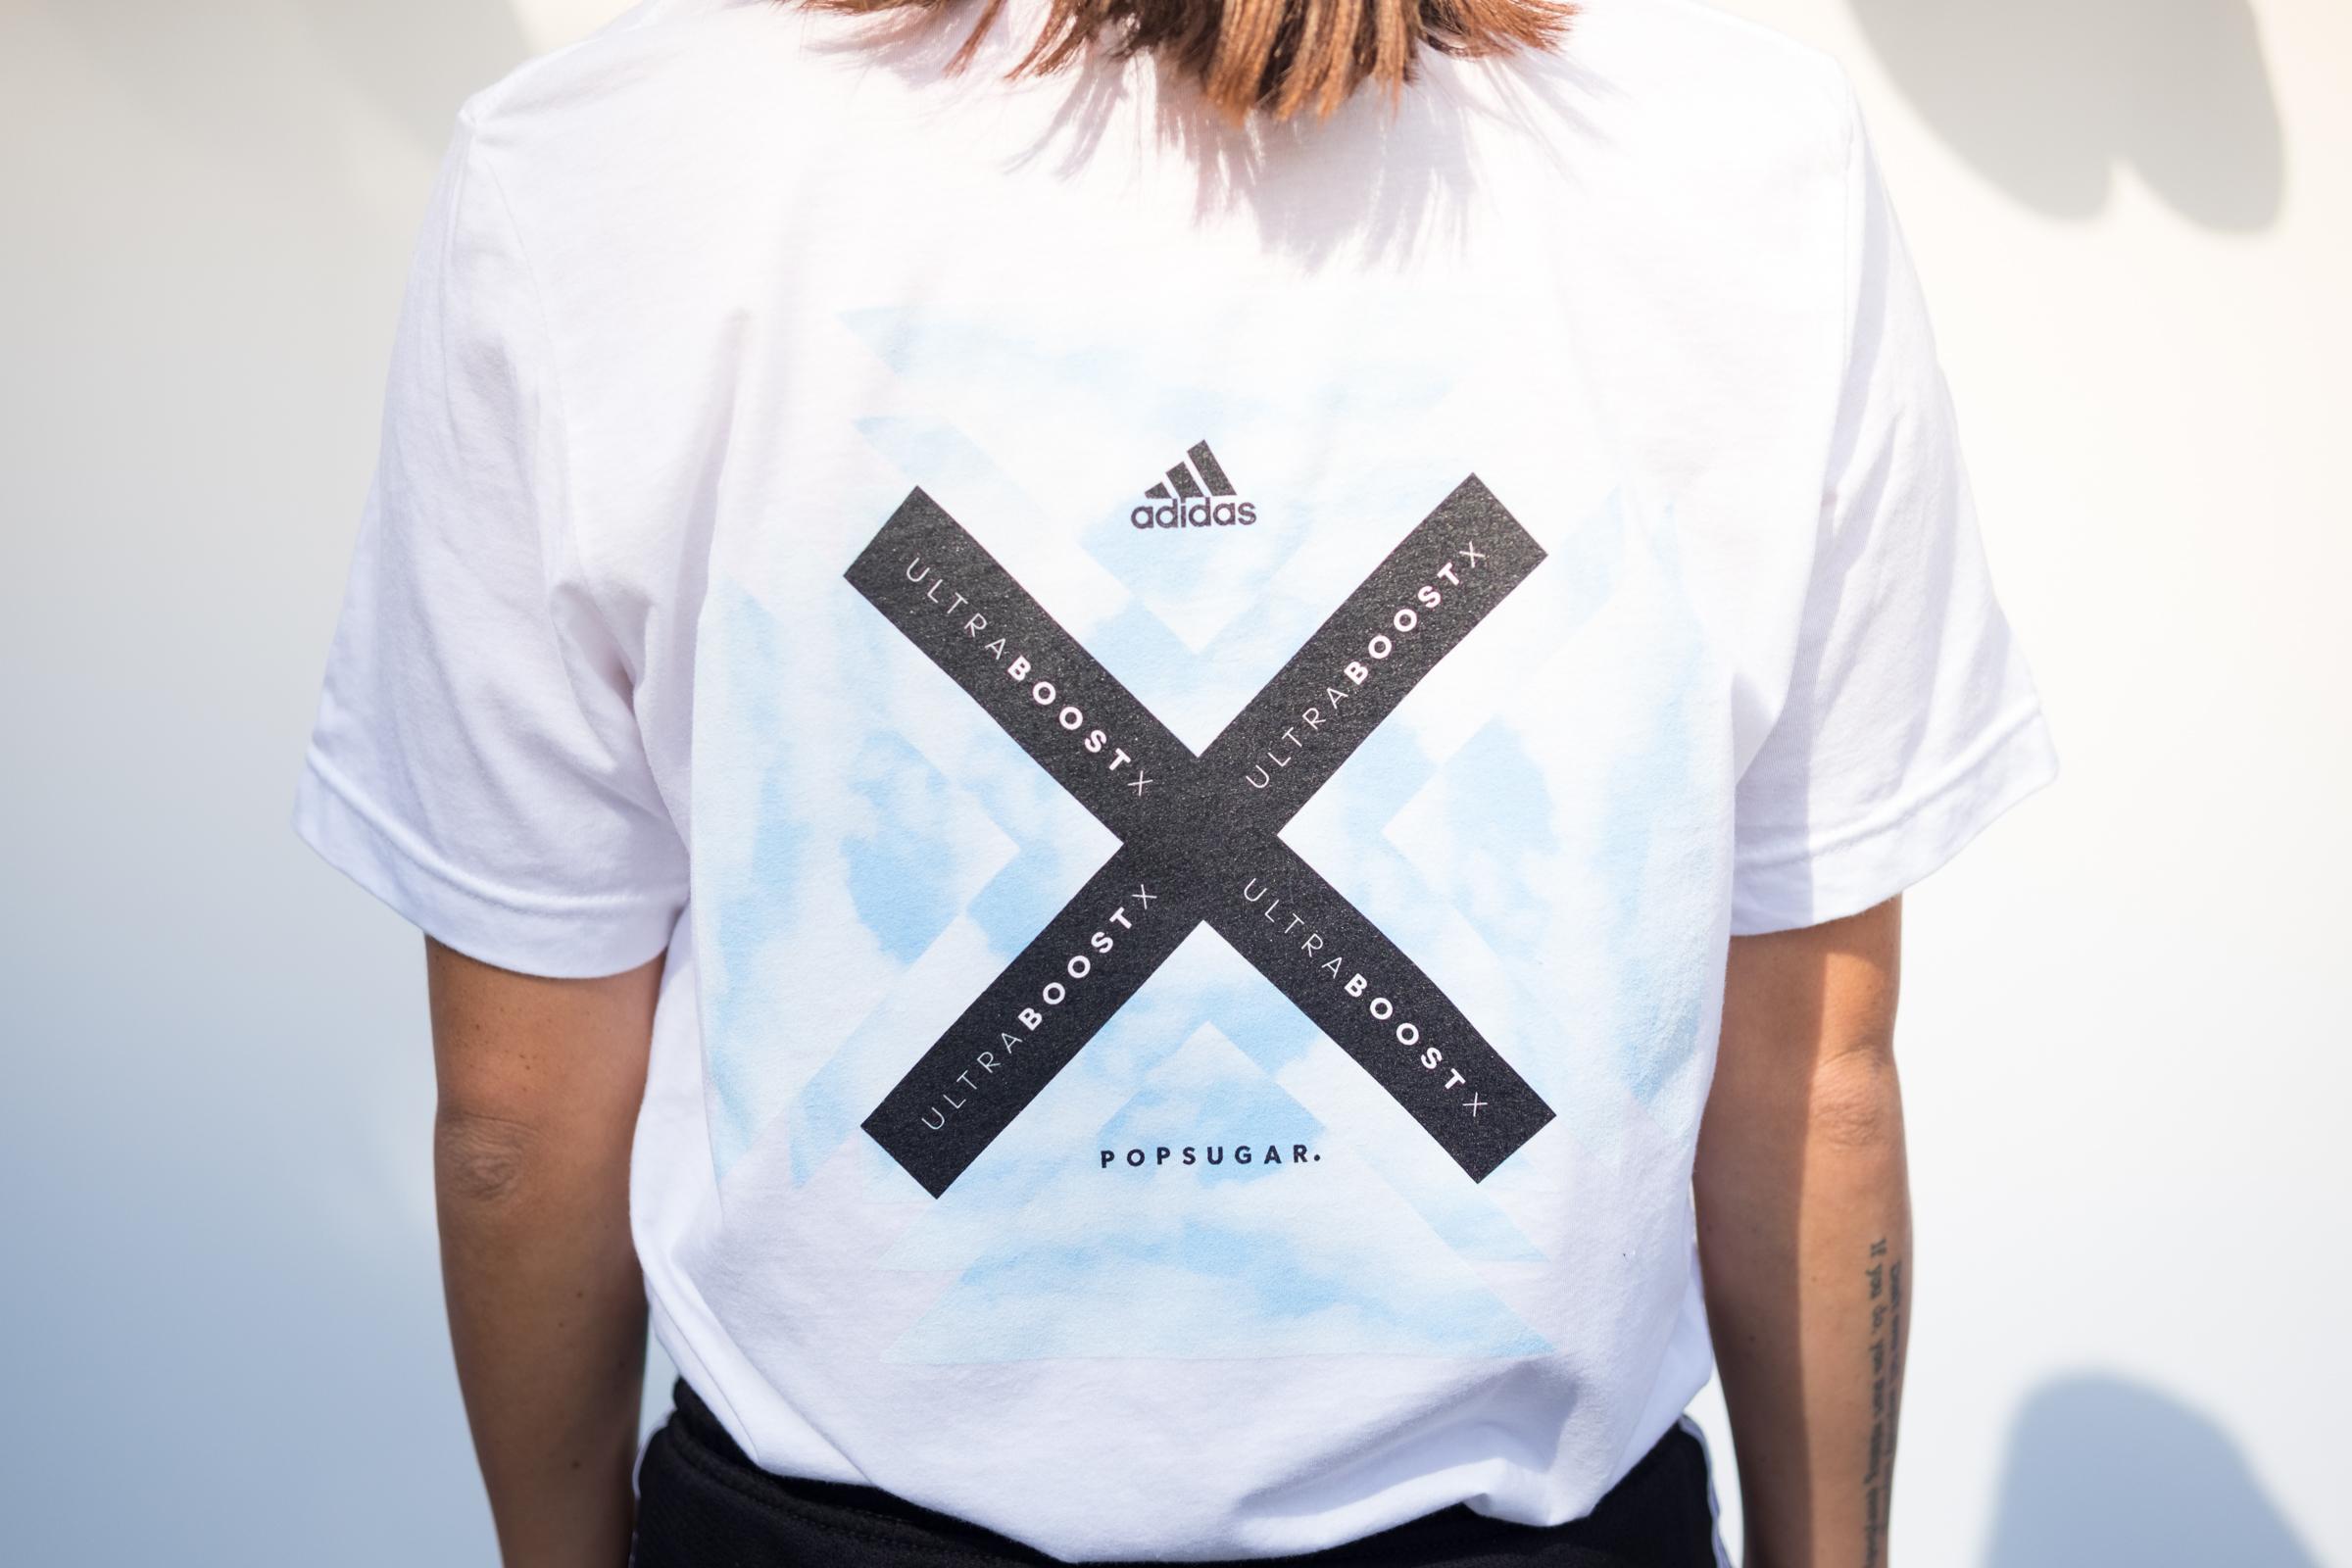 Adidas X Pop Sugar-9212.jpg